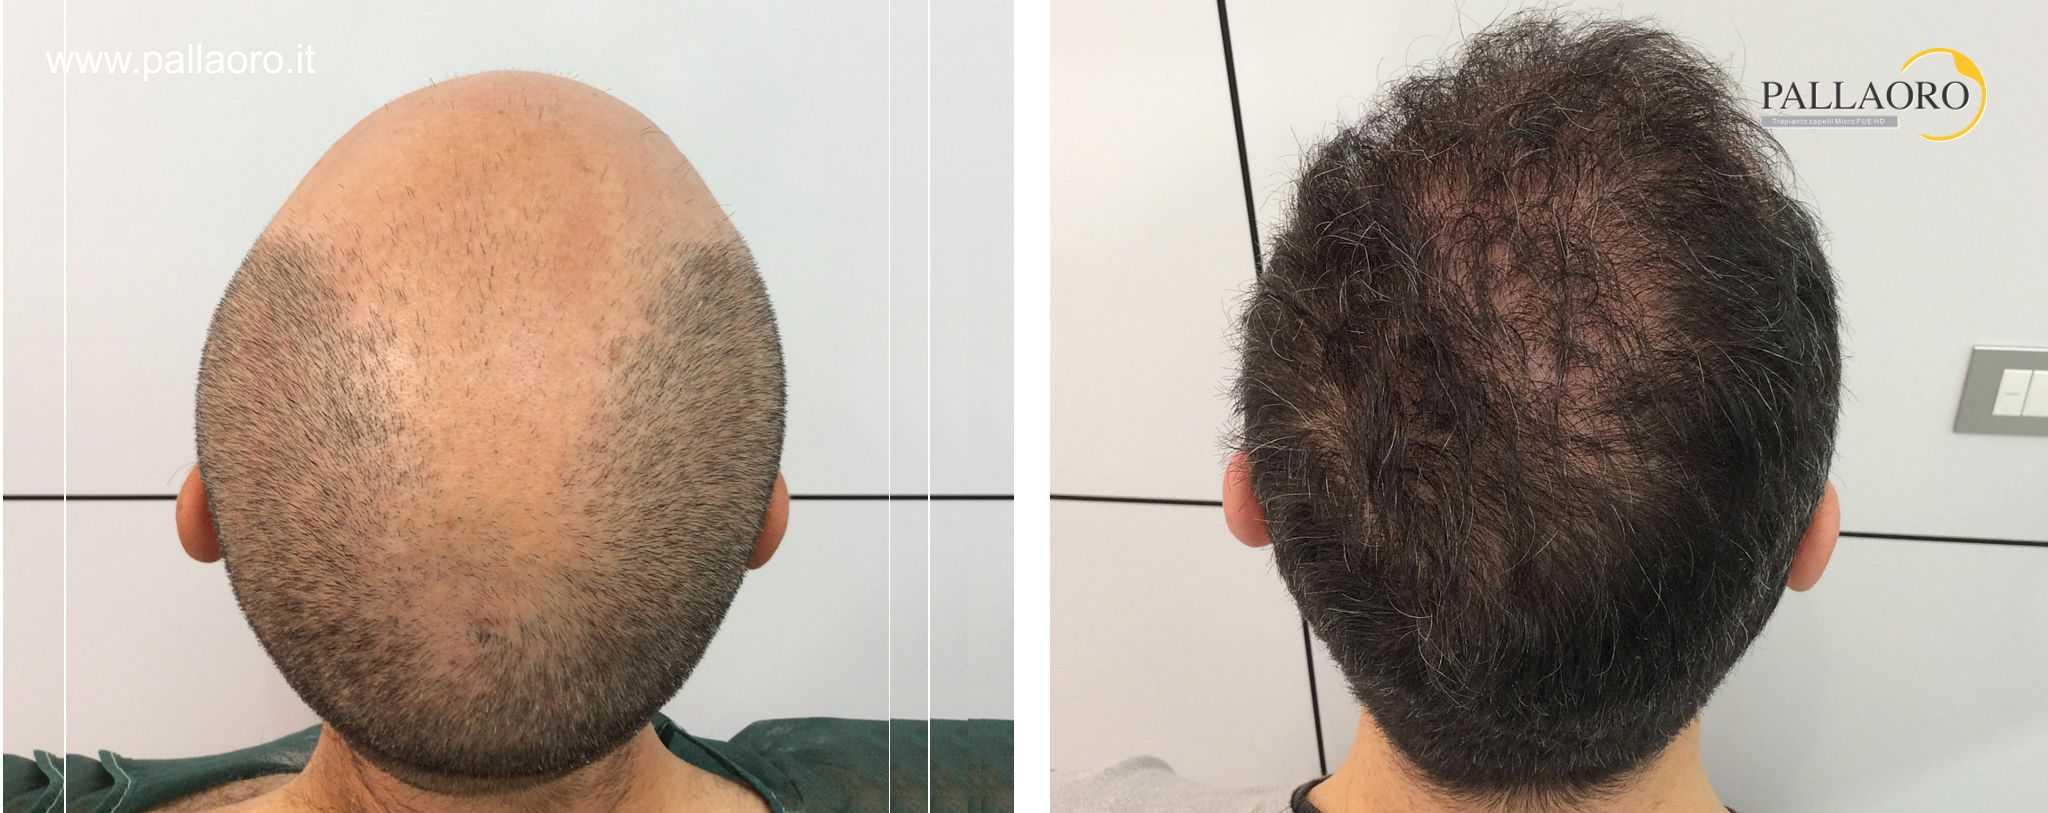 trapianto capelli 01094